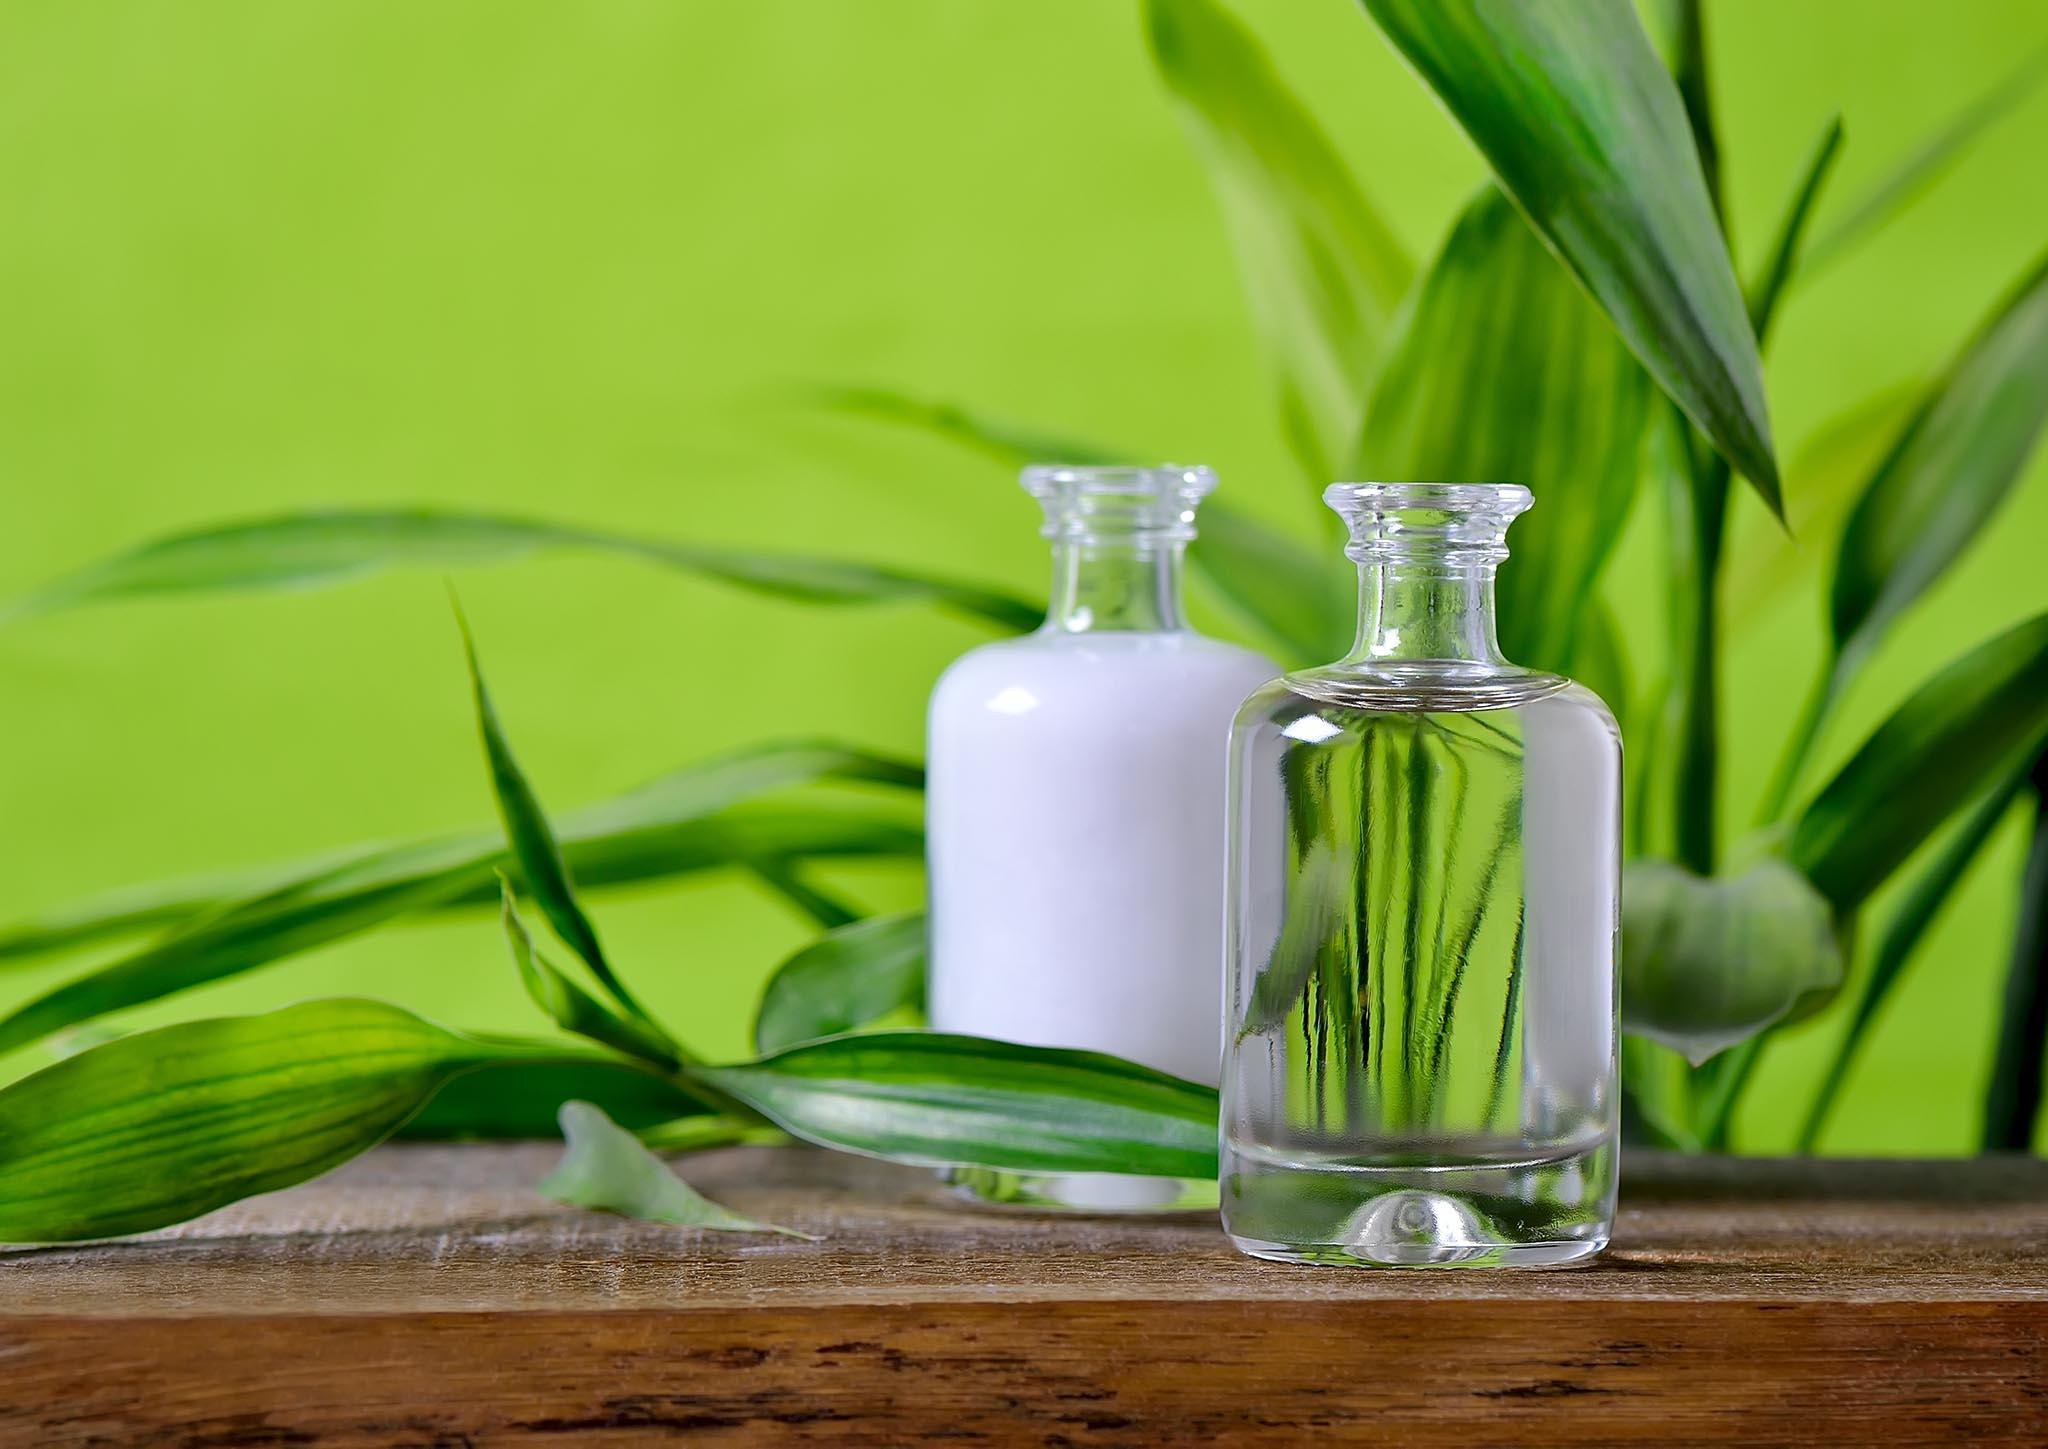 Flaschen mit Naturkosmetik